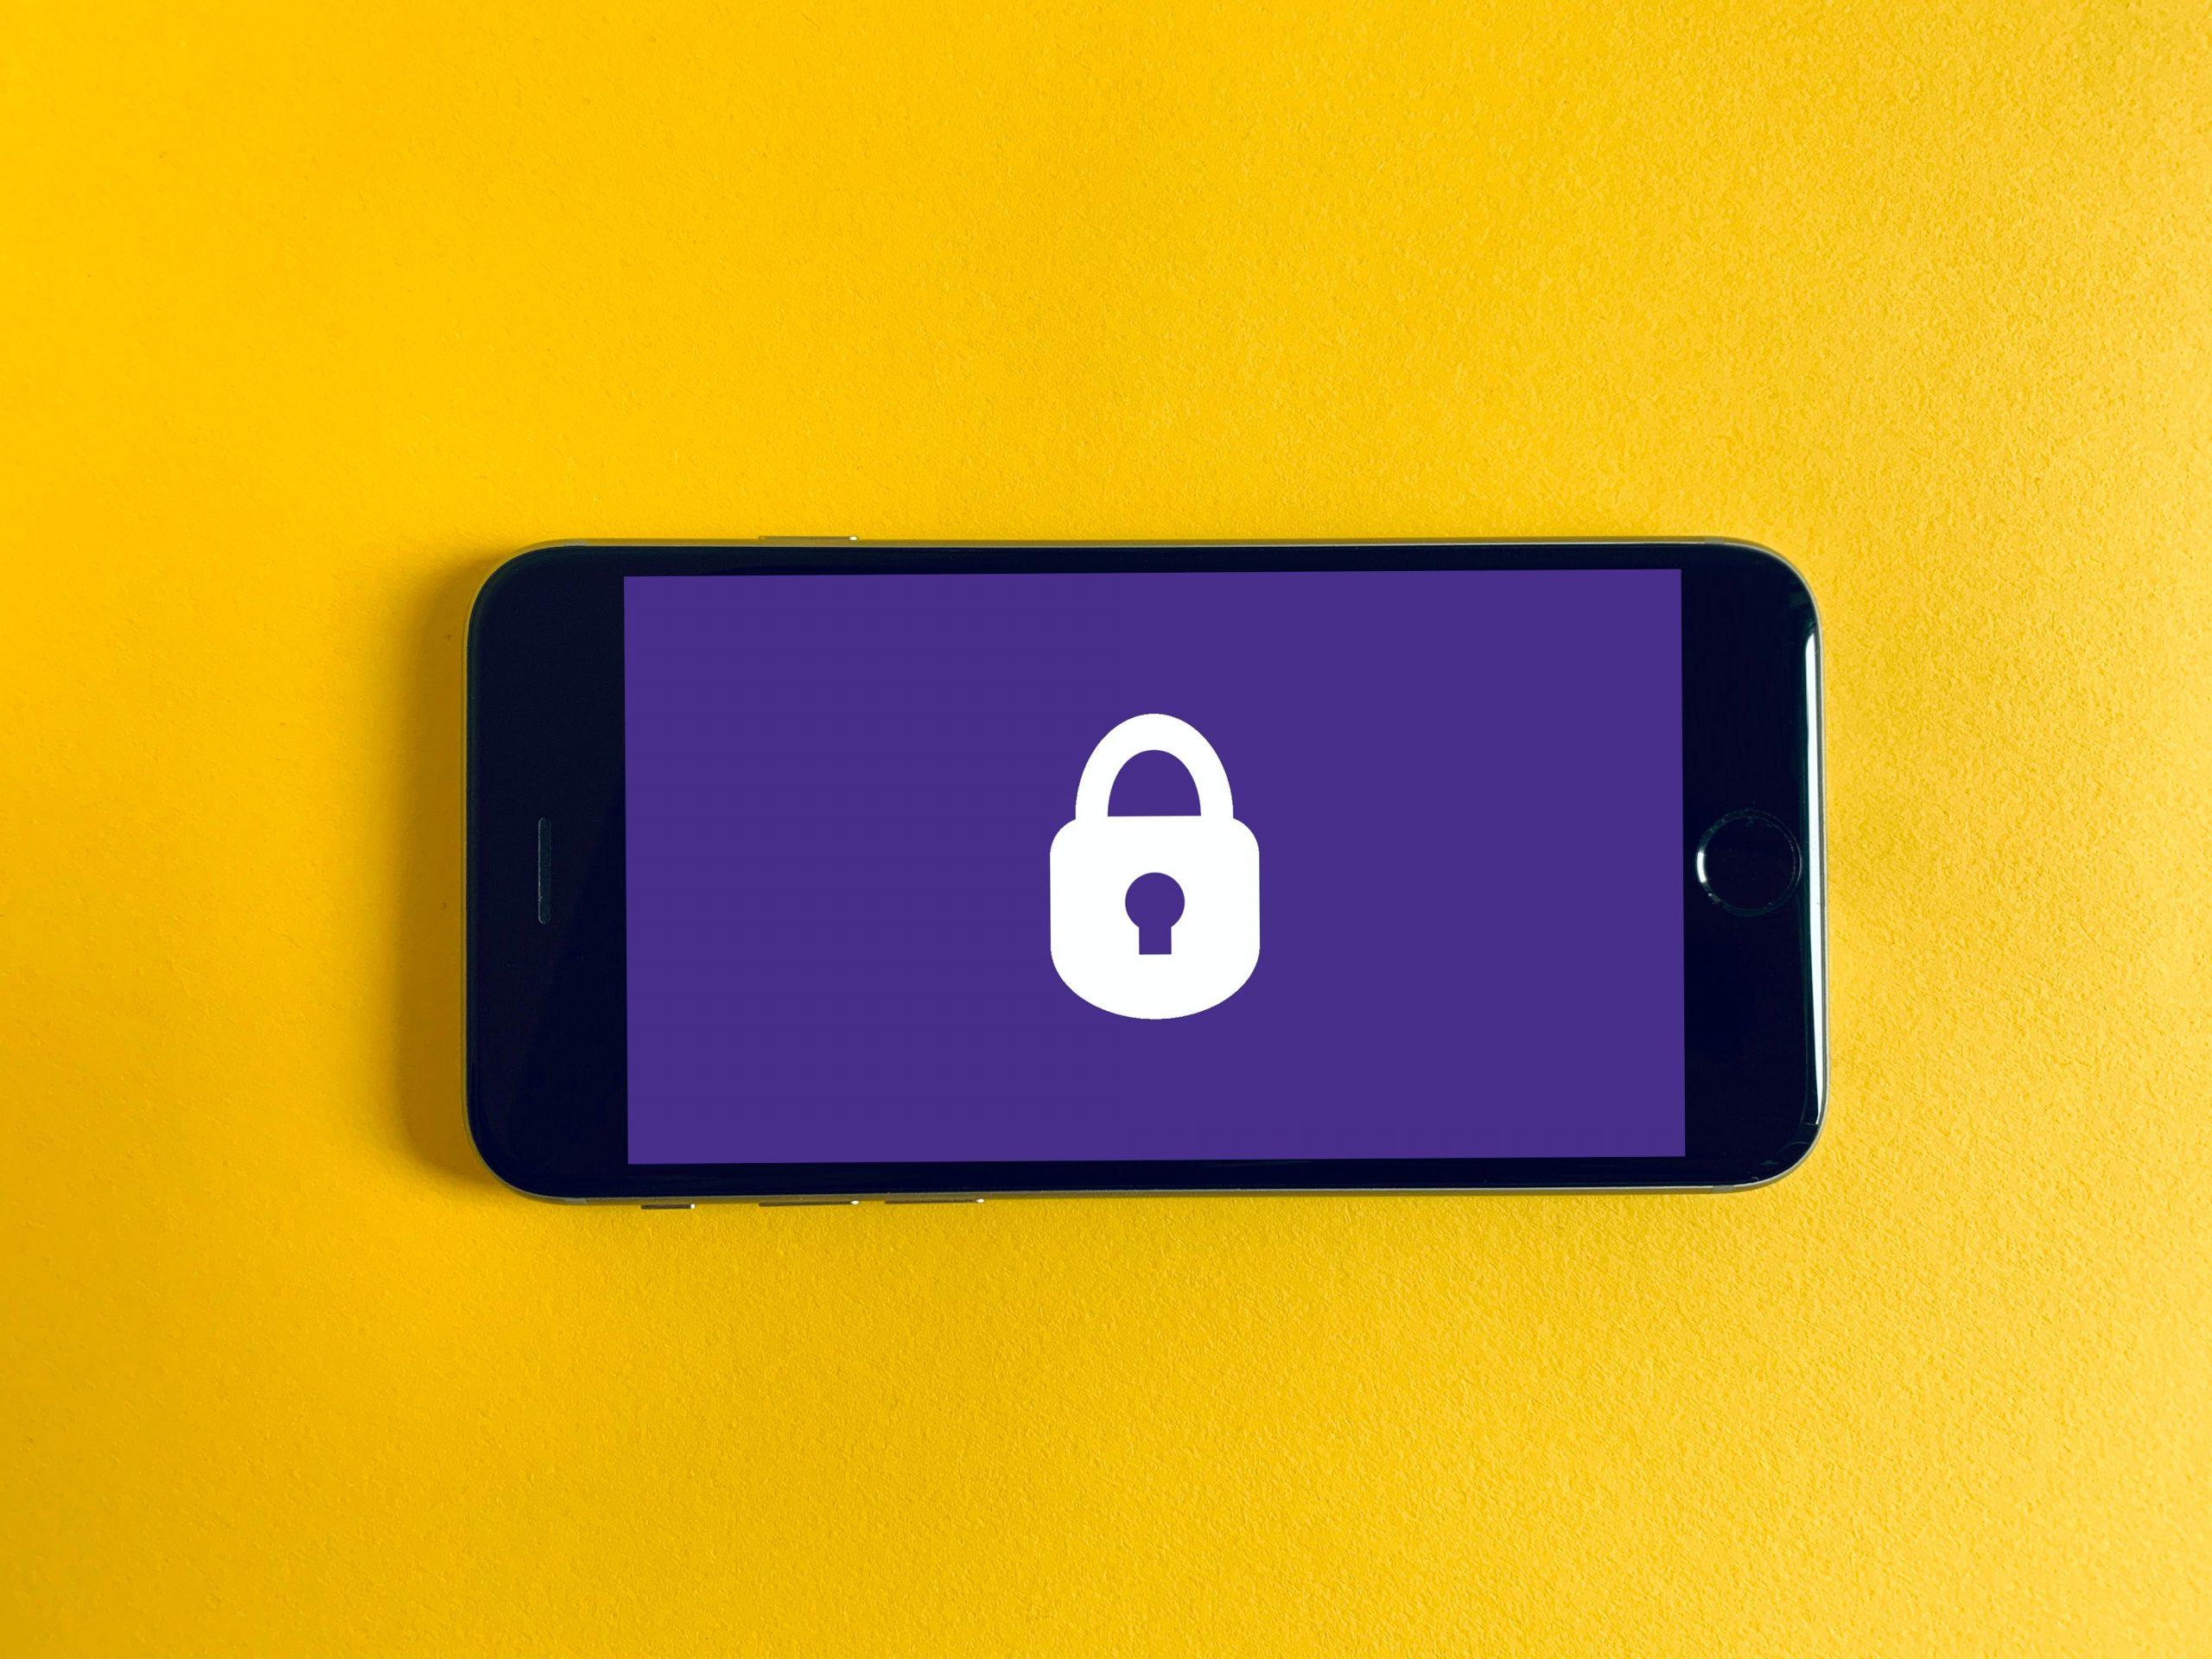 Genesis11 security